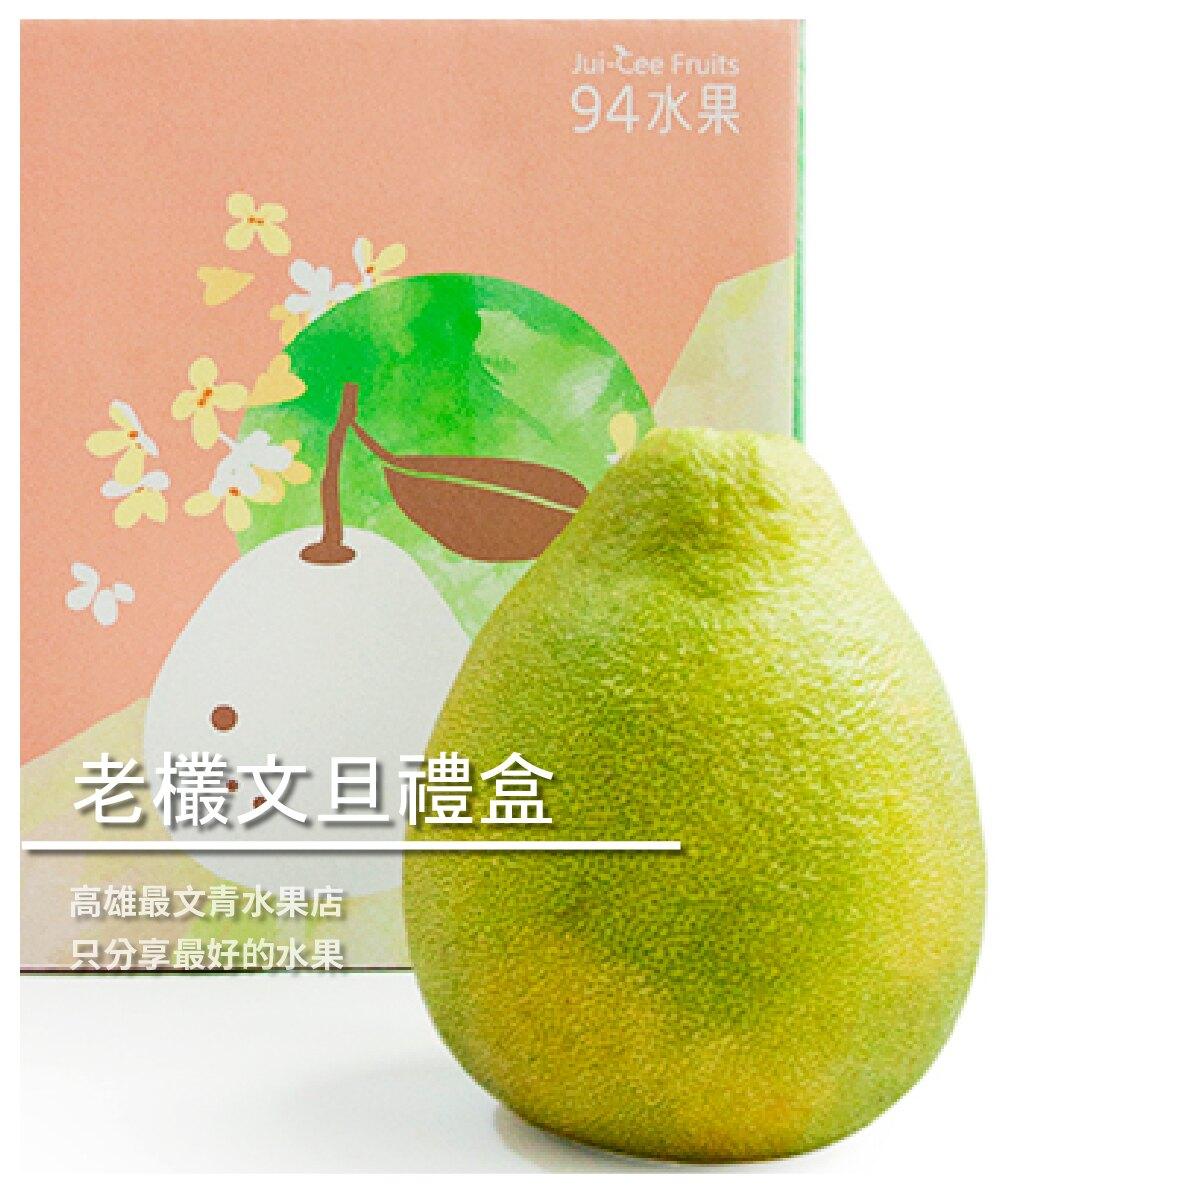 【94水果 jui-cee friuts】50年老欉文旦禮盒/5斤